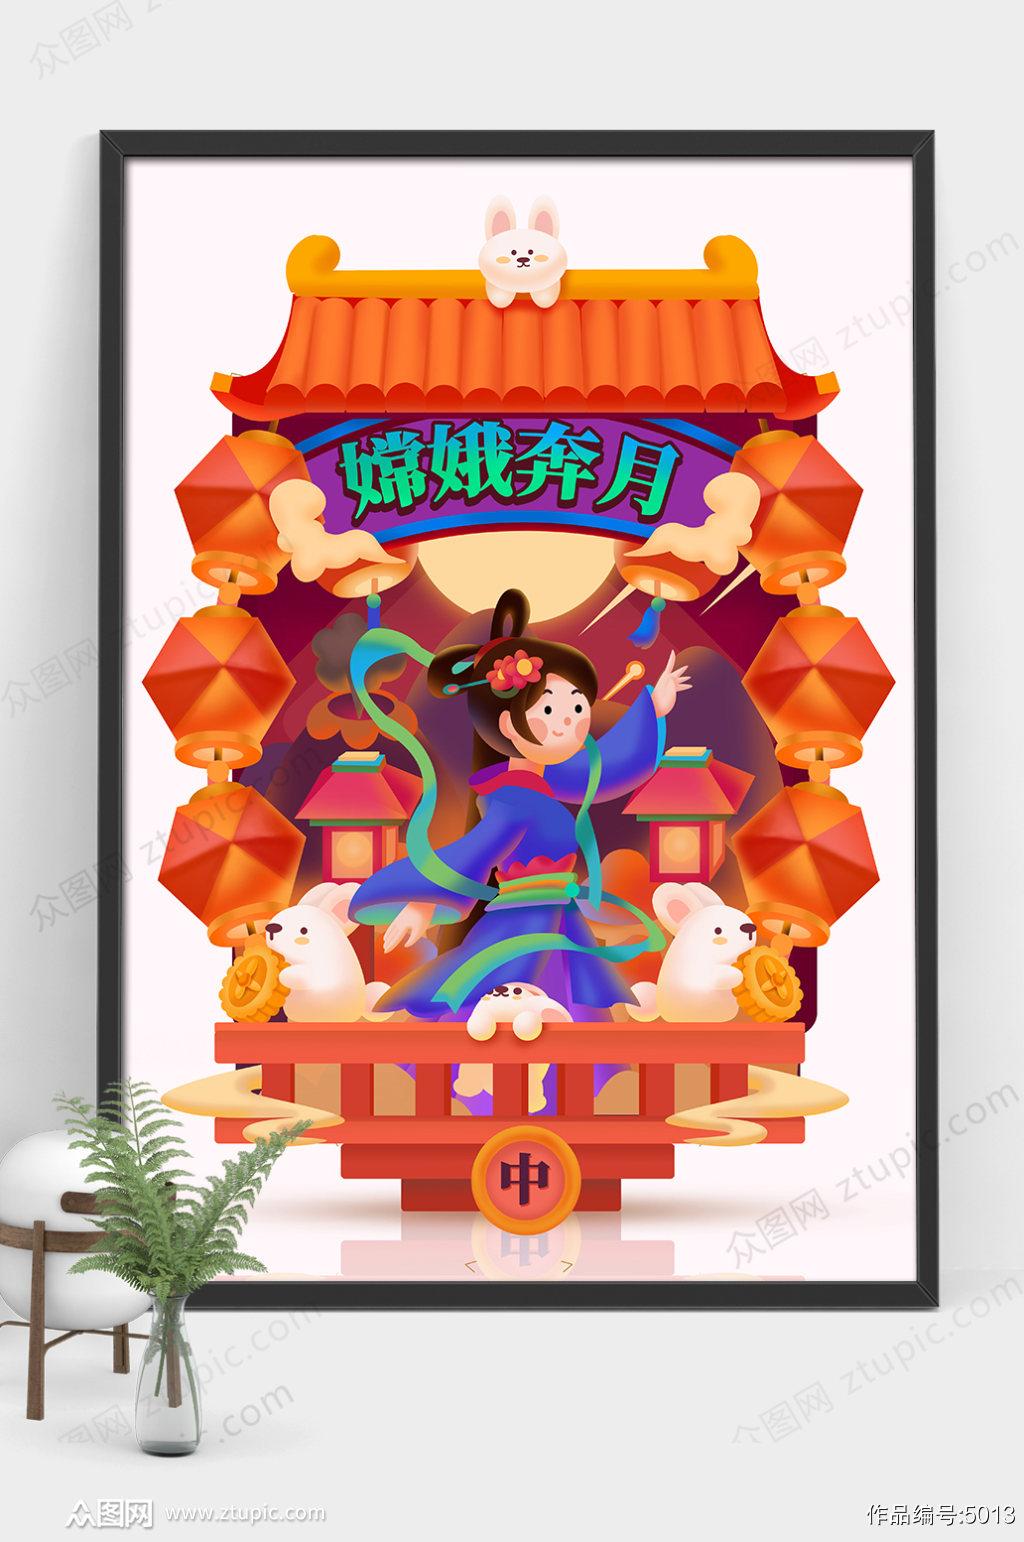 原创2019唯美中秋节嫦娥玉兔奔月插画素材